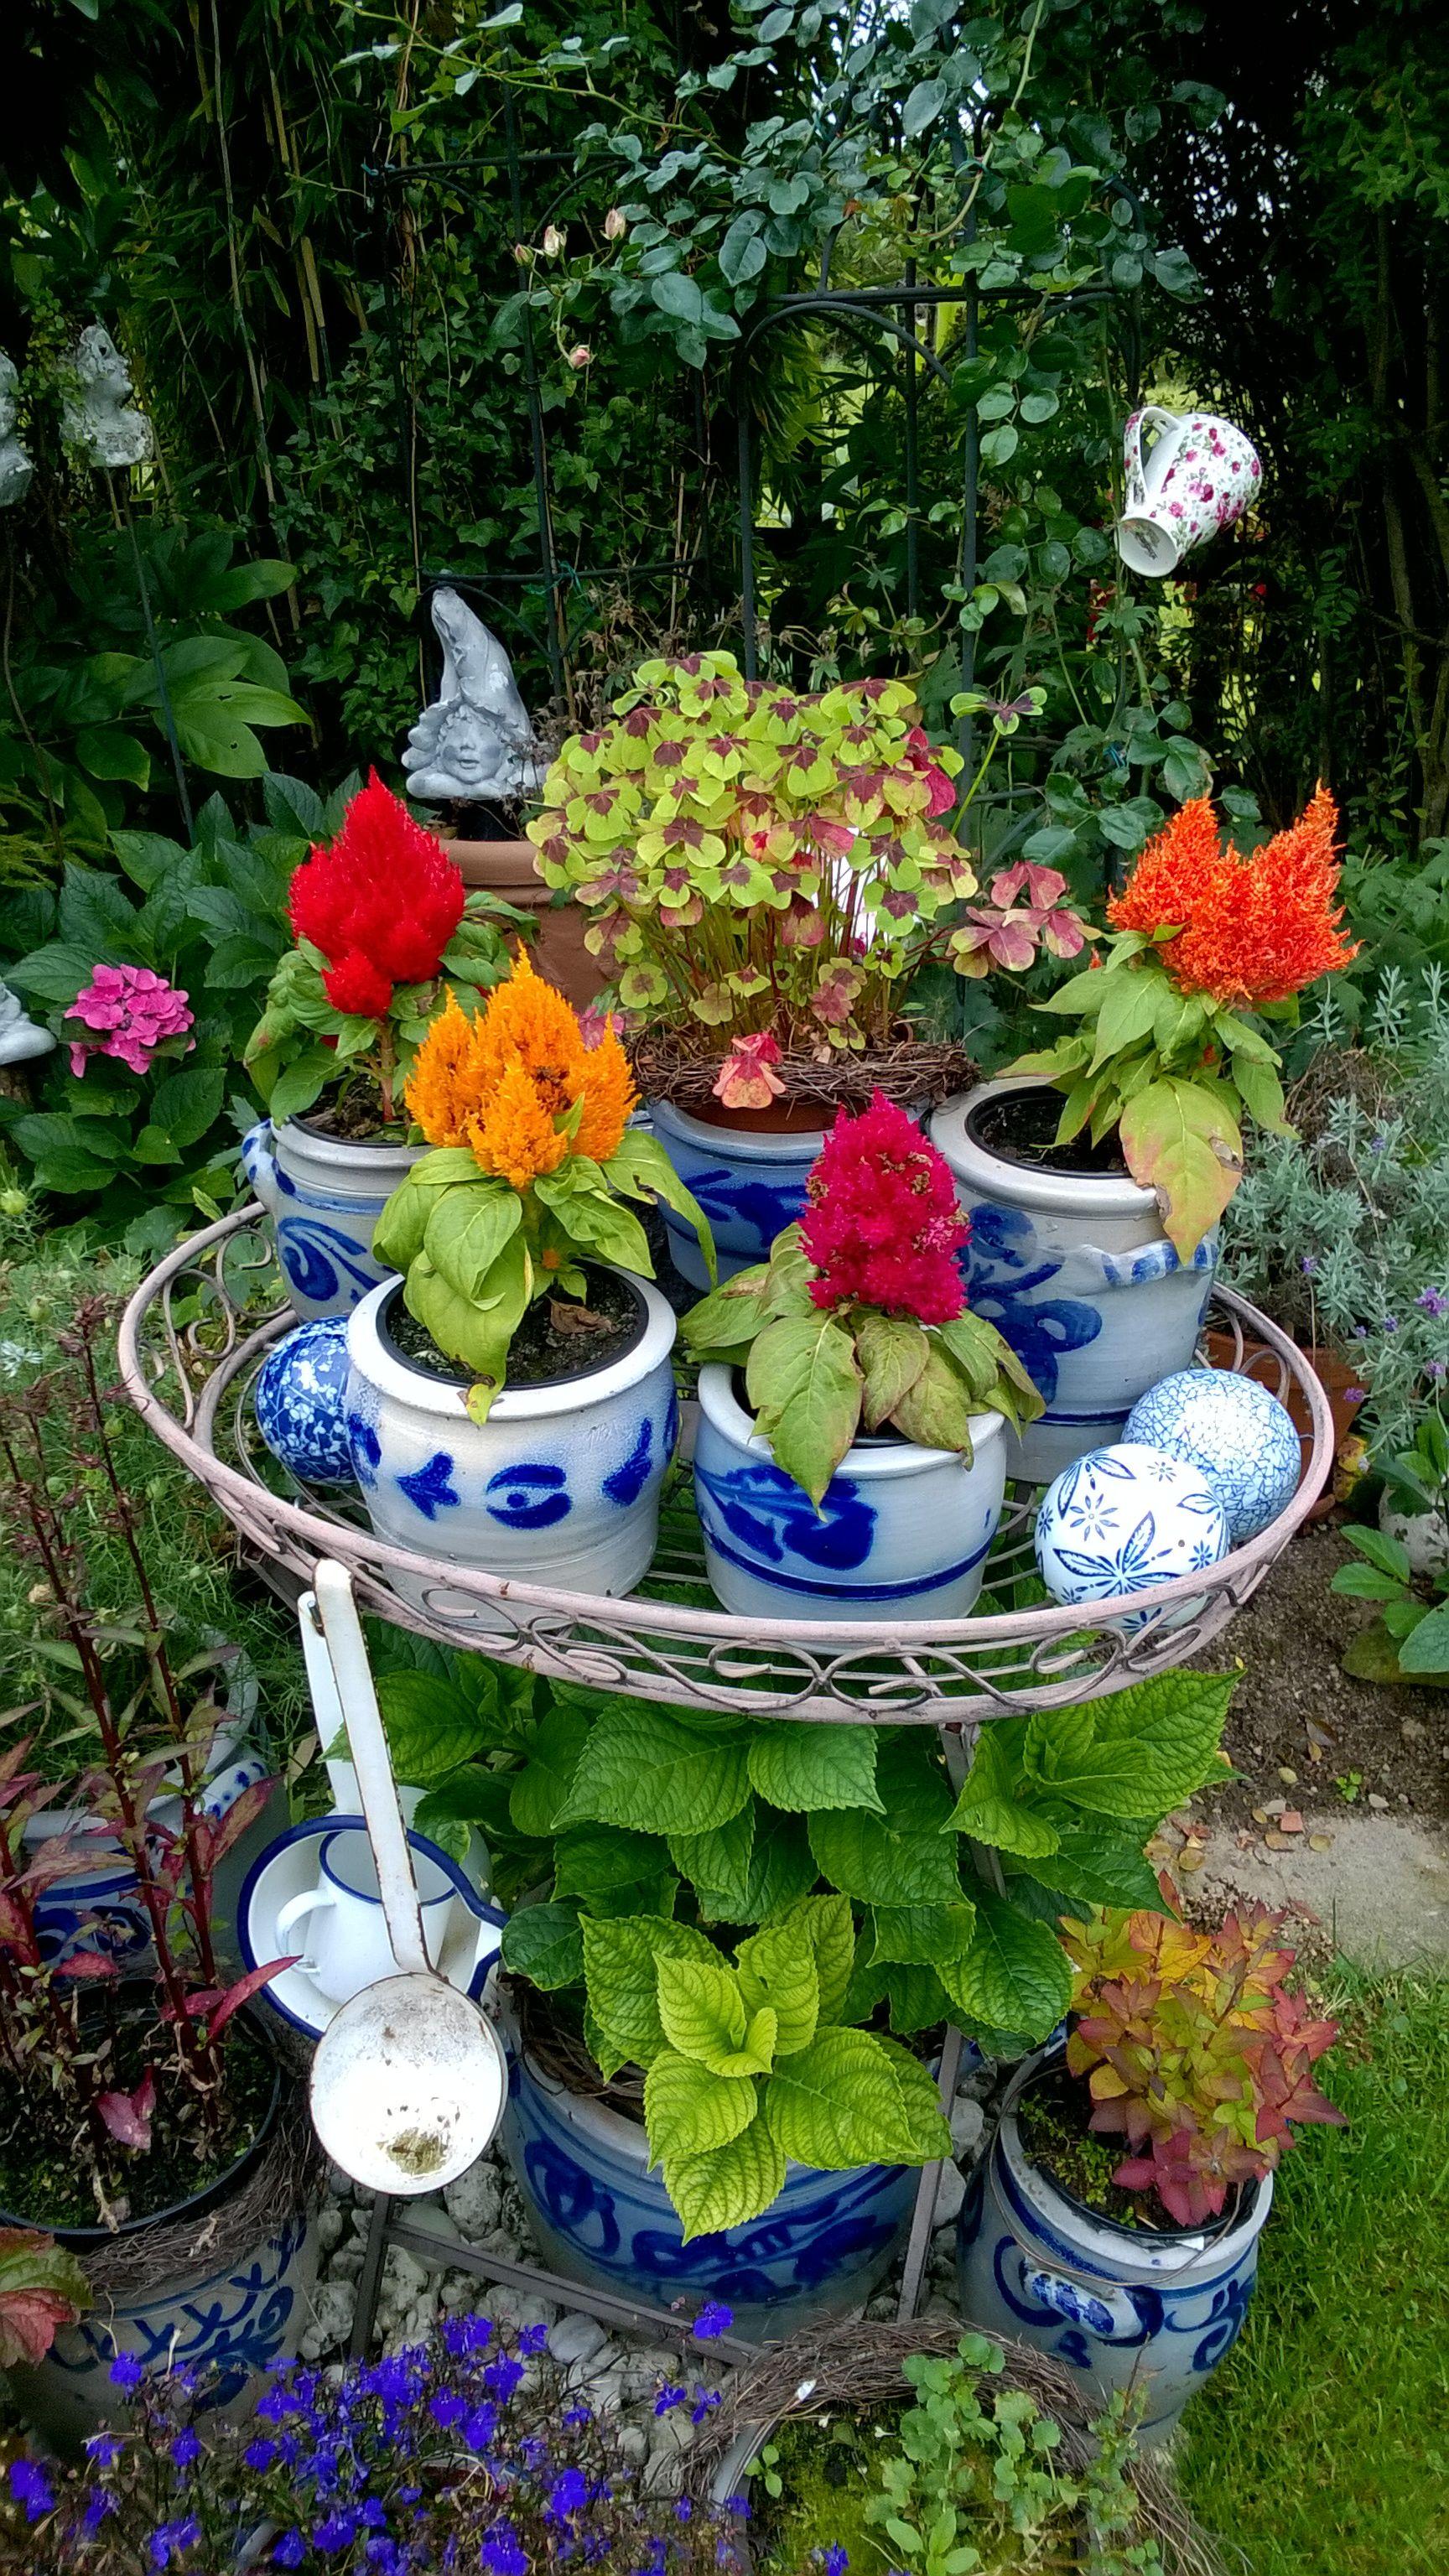 Garten T Raume Naturlich Deko Garten Vintage Gartendekoration Garten Deko